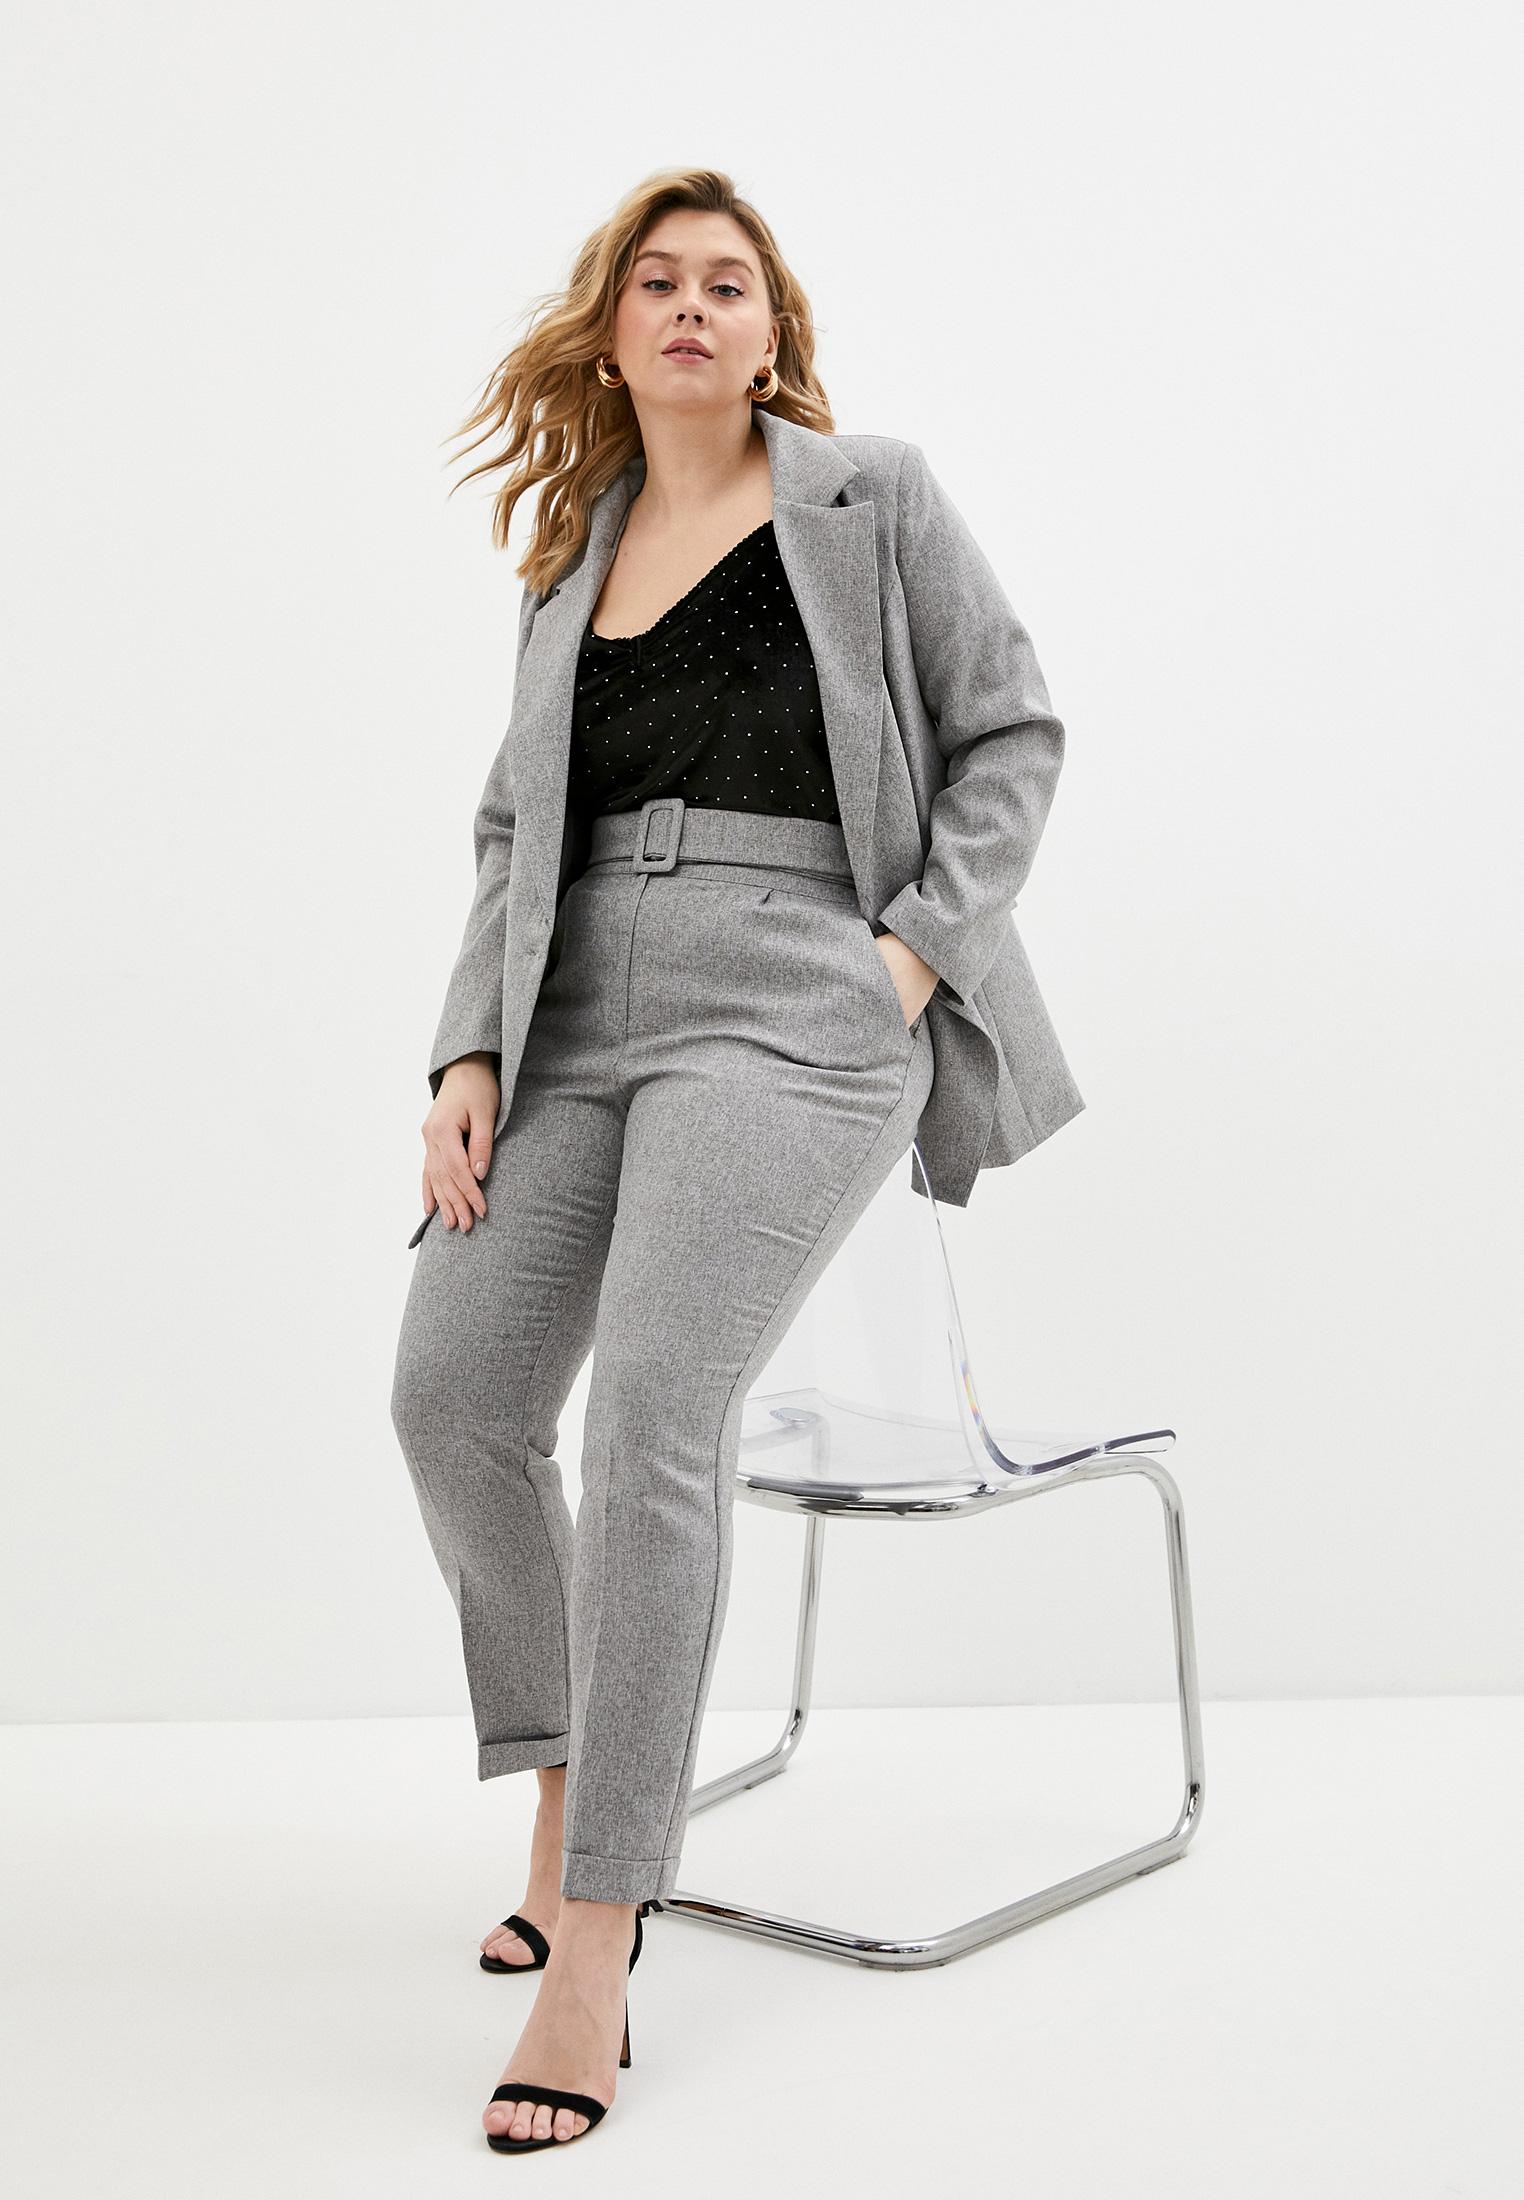 Костюм с брюками Chic de Femme Костюм классический Chic de Femme